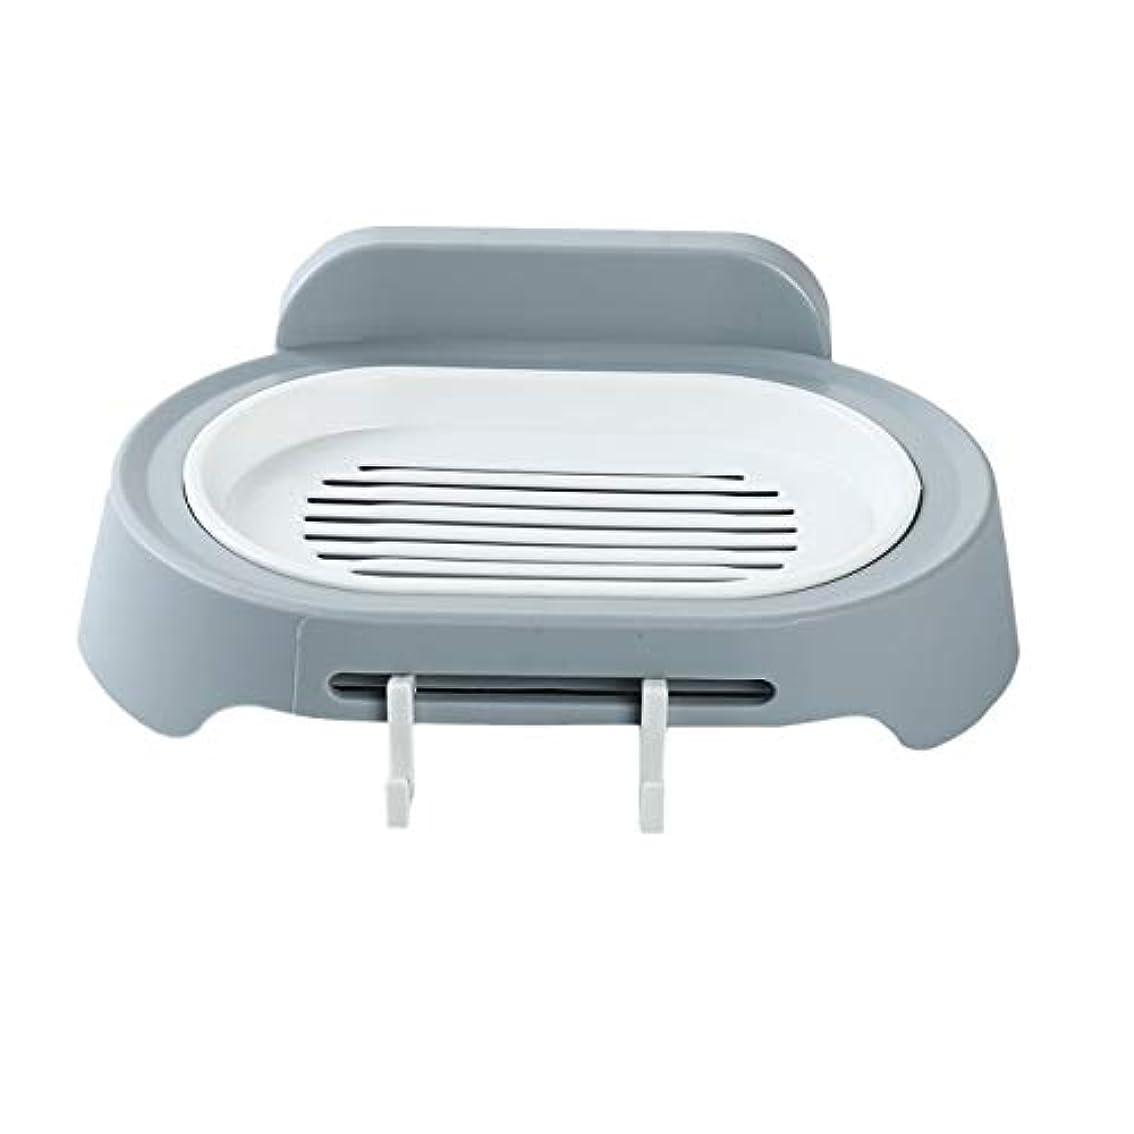 実質的チャンバー一時的ZALING 灰色のホックが付いているの浴室の石鹸の貯蔵の吸引の壁に取り付けられた石鹸のオルガナイザー